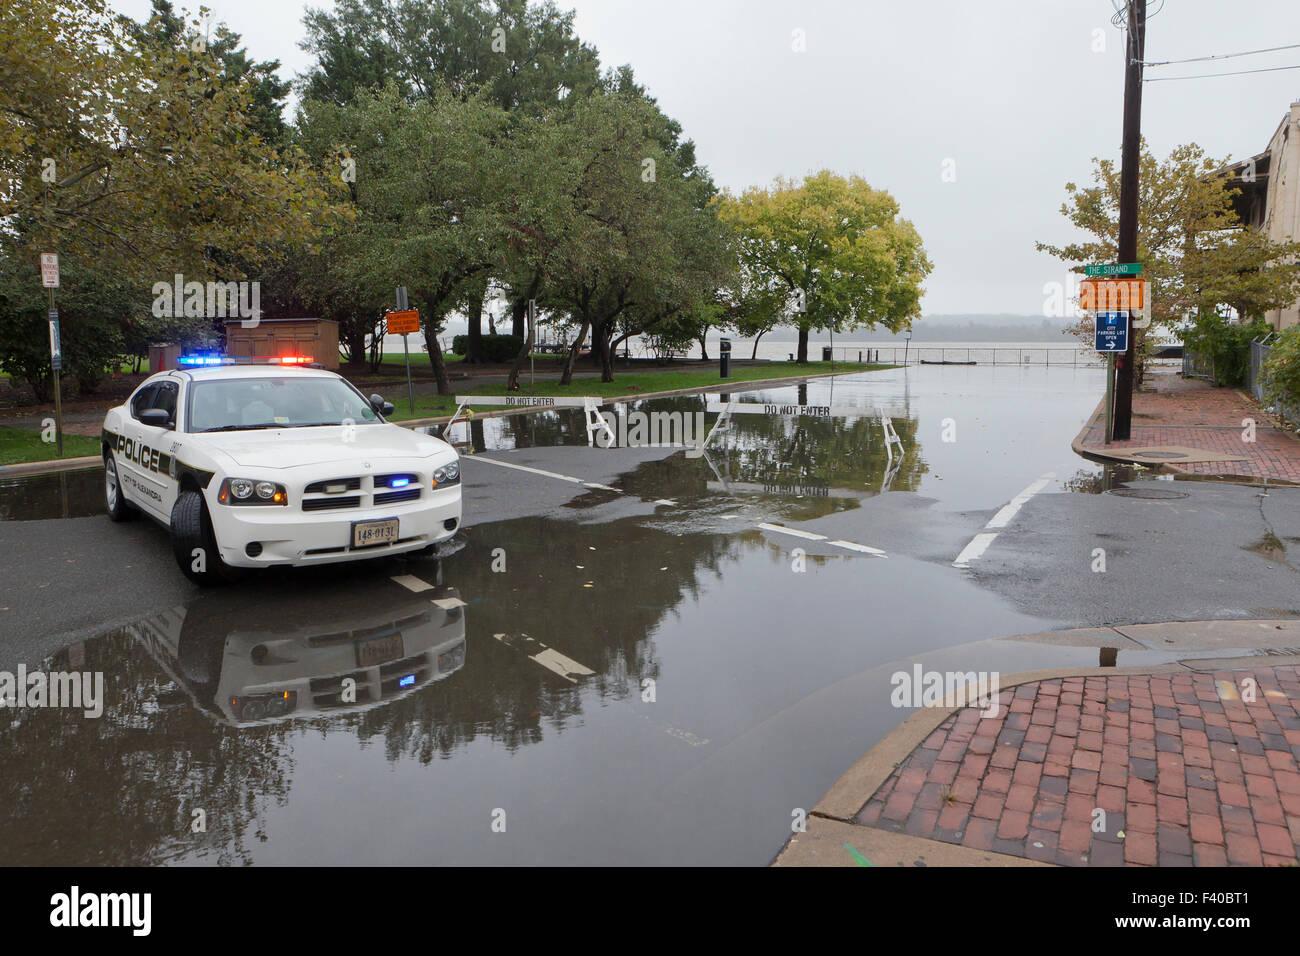 Auto della Polizia di blocco stradale allagato - Alexandria, Virginia, Stati Uniti d'America Immagini Stock